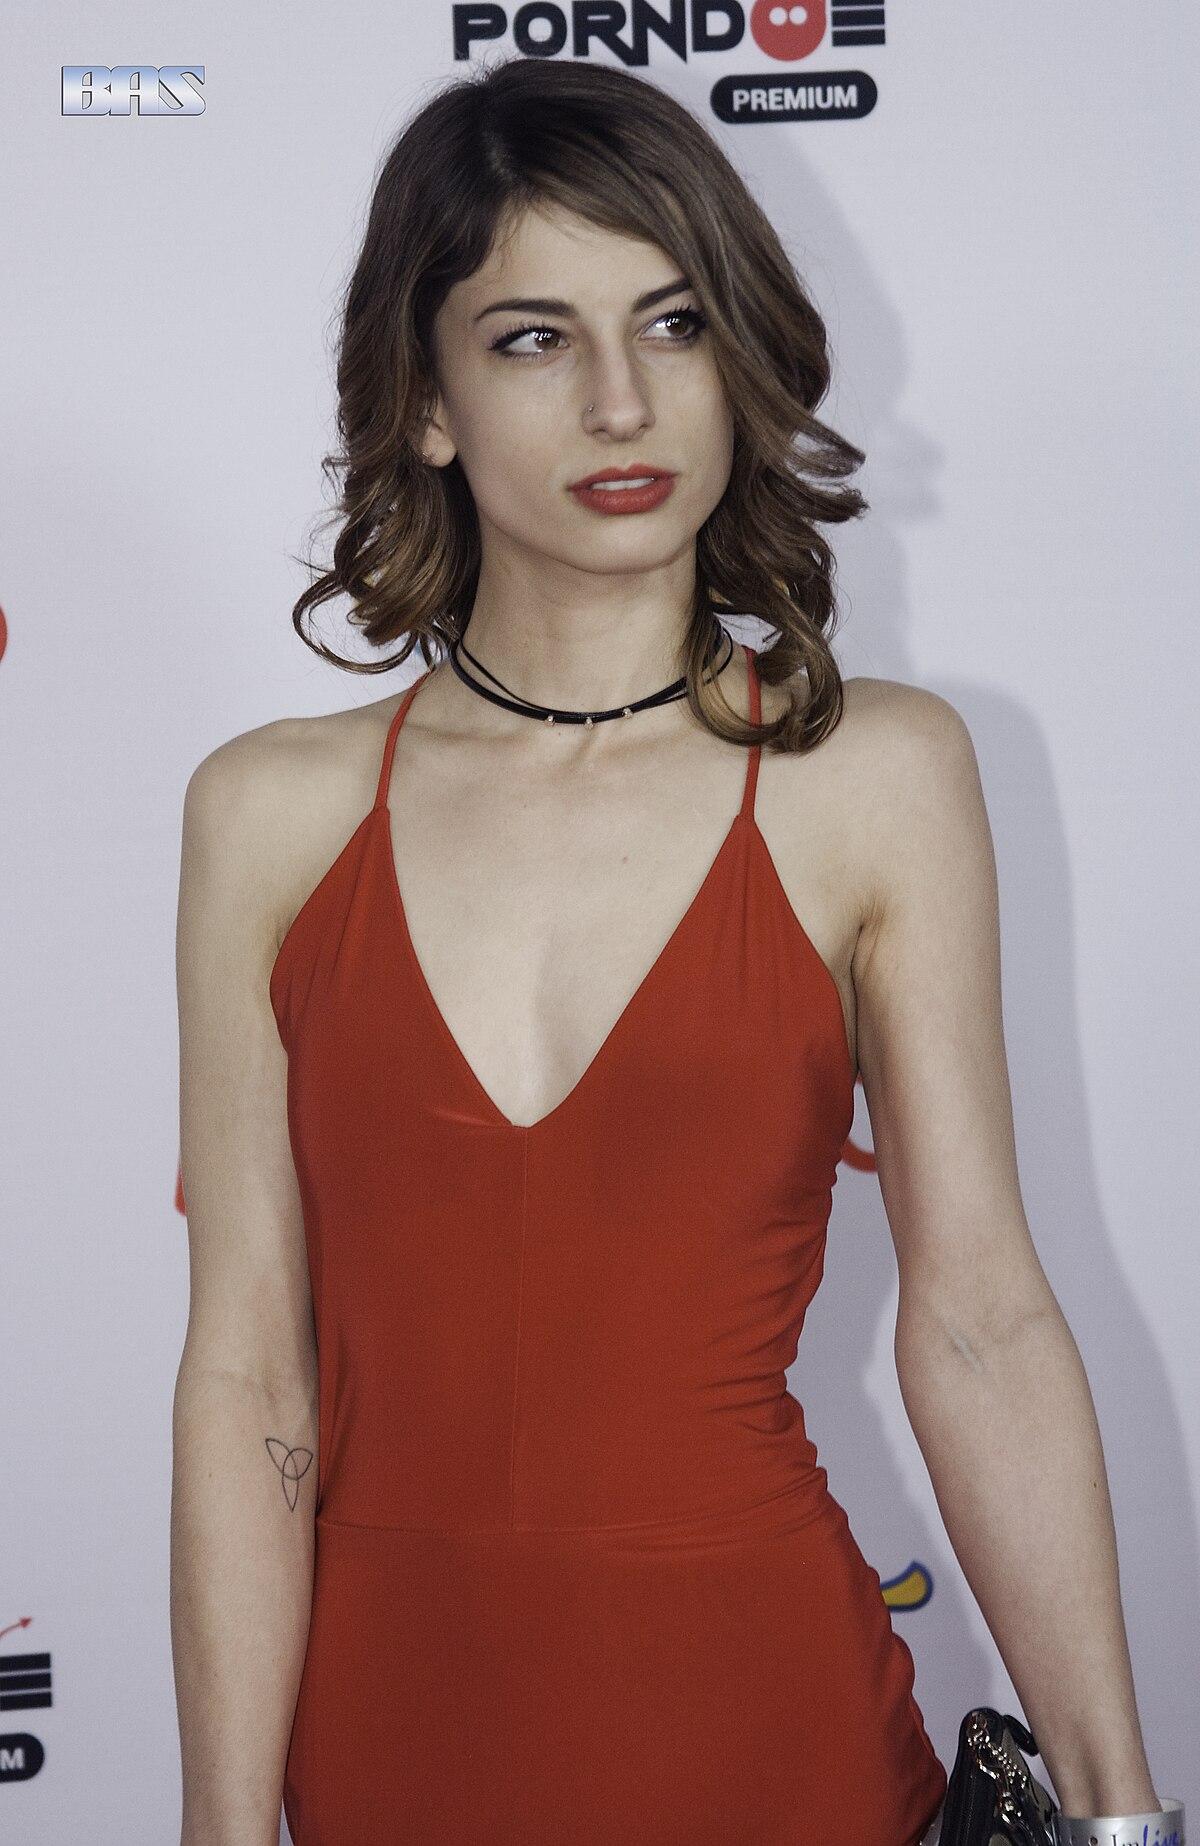 Kristen Scott Porno